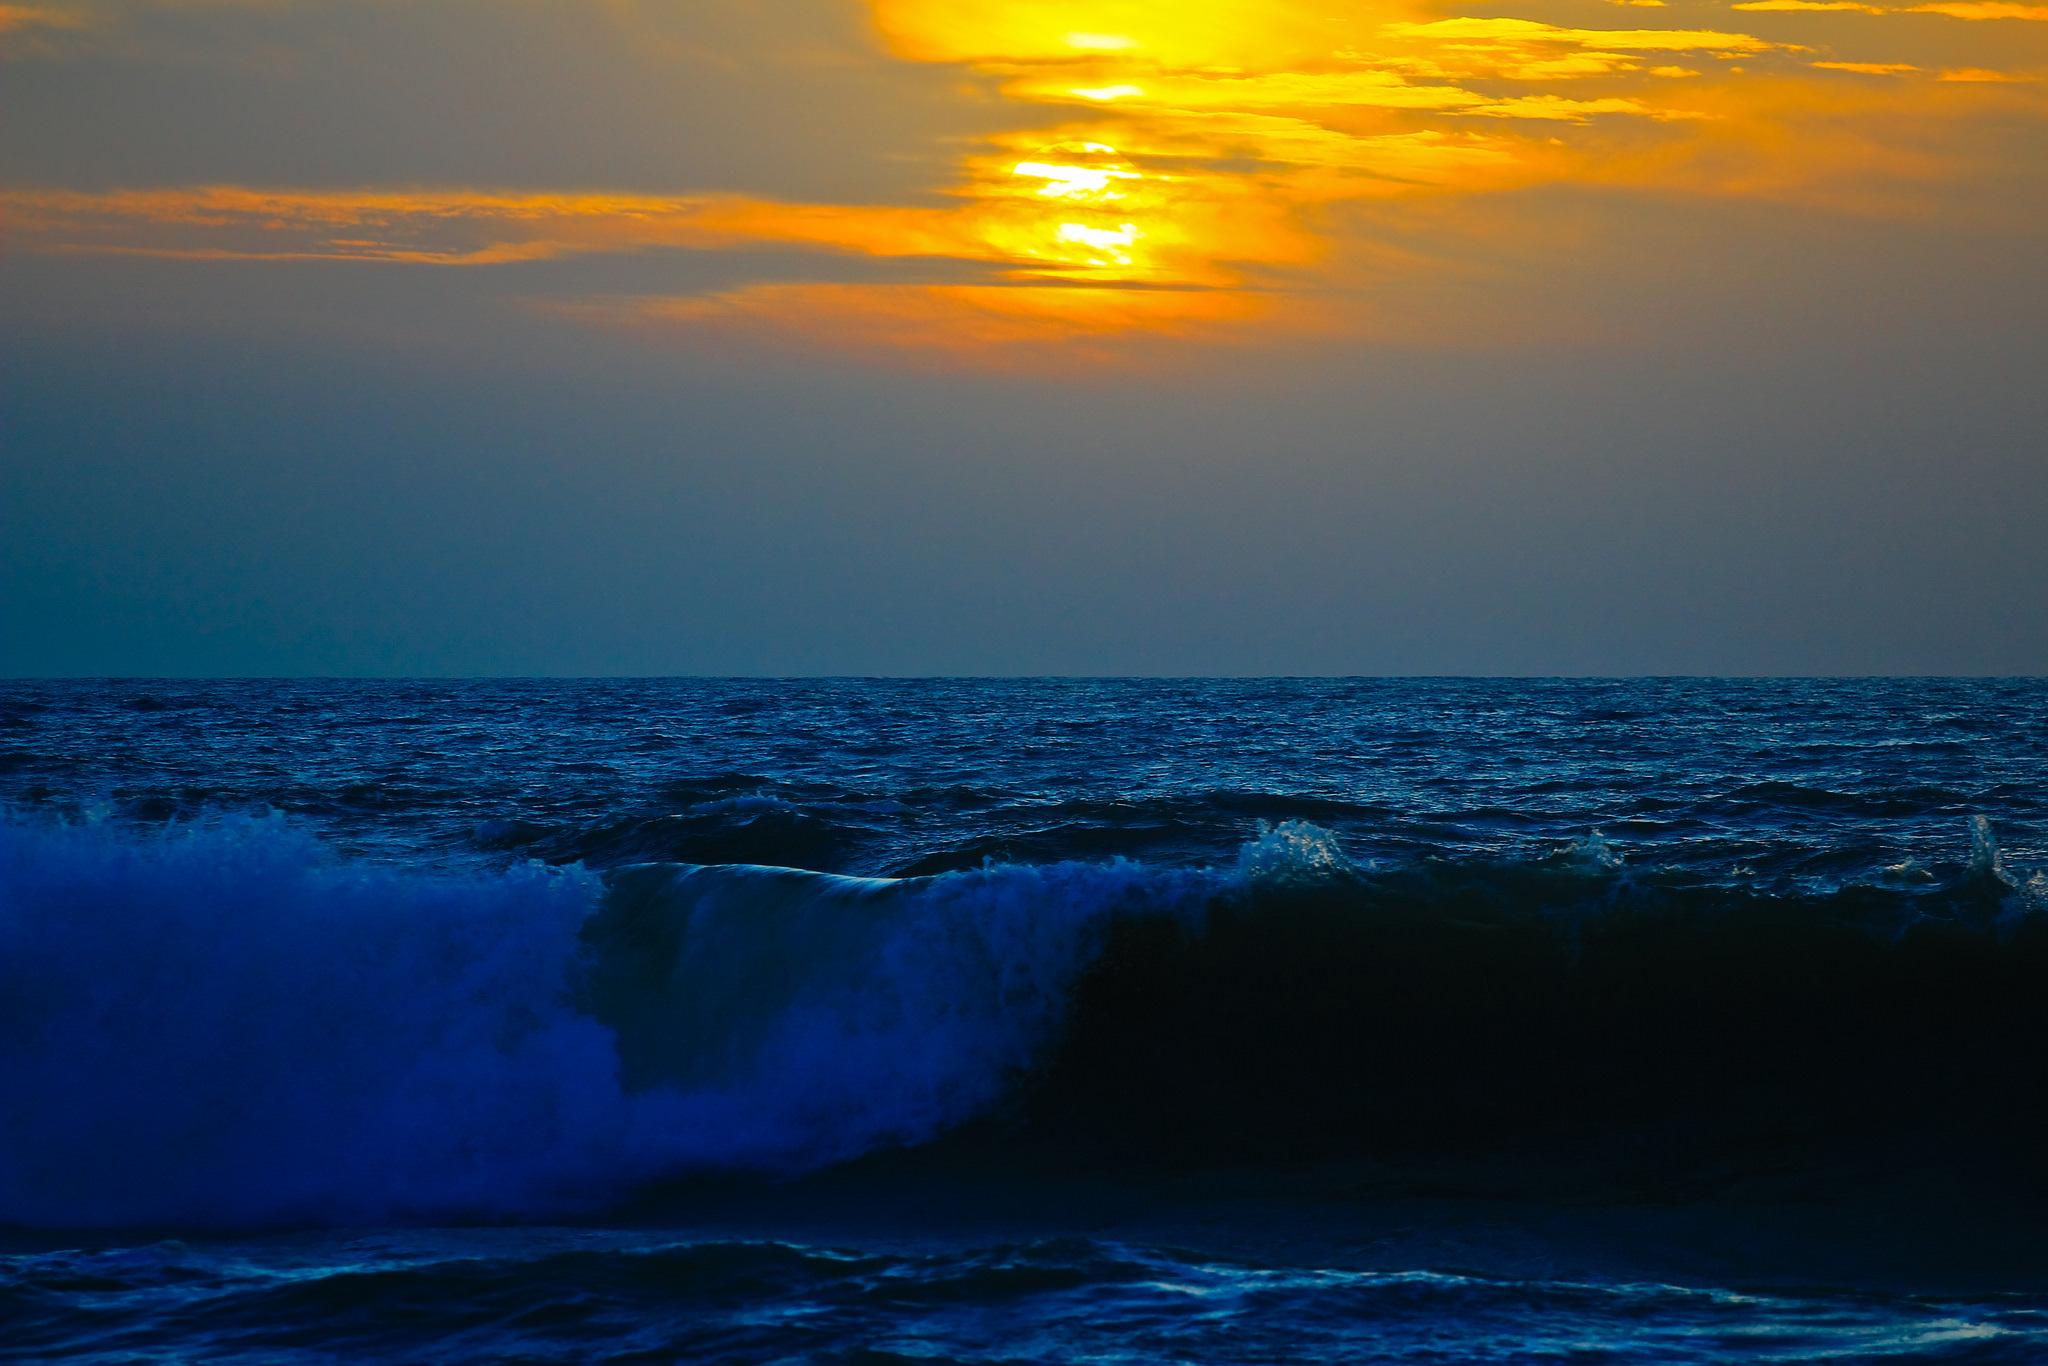 134159 Заставки и Обои Волны на телефон. Скачать Природа, Море, Прибой, Небо, Закат, Волны картинки бесплатно